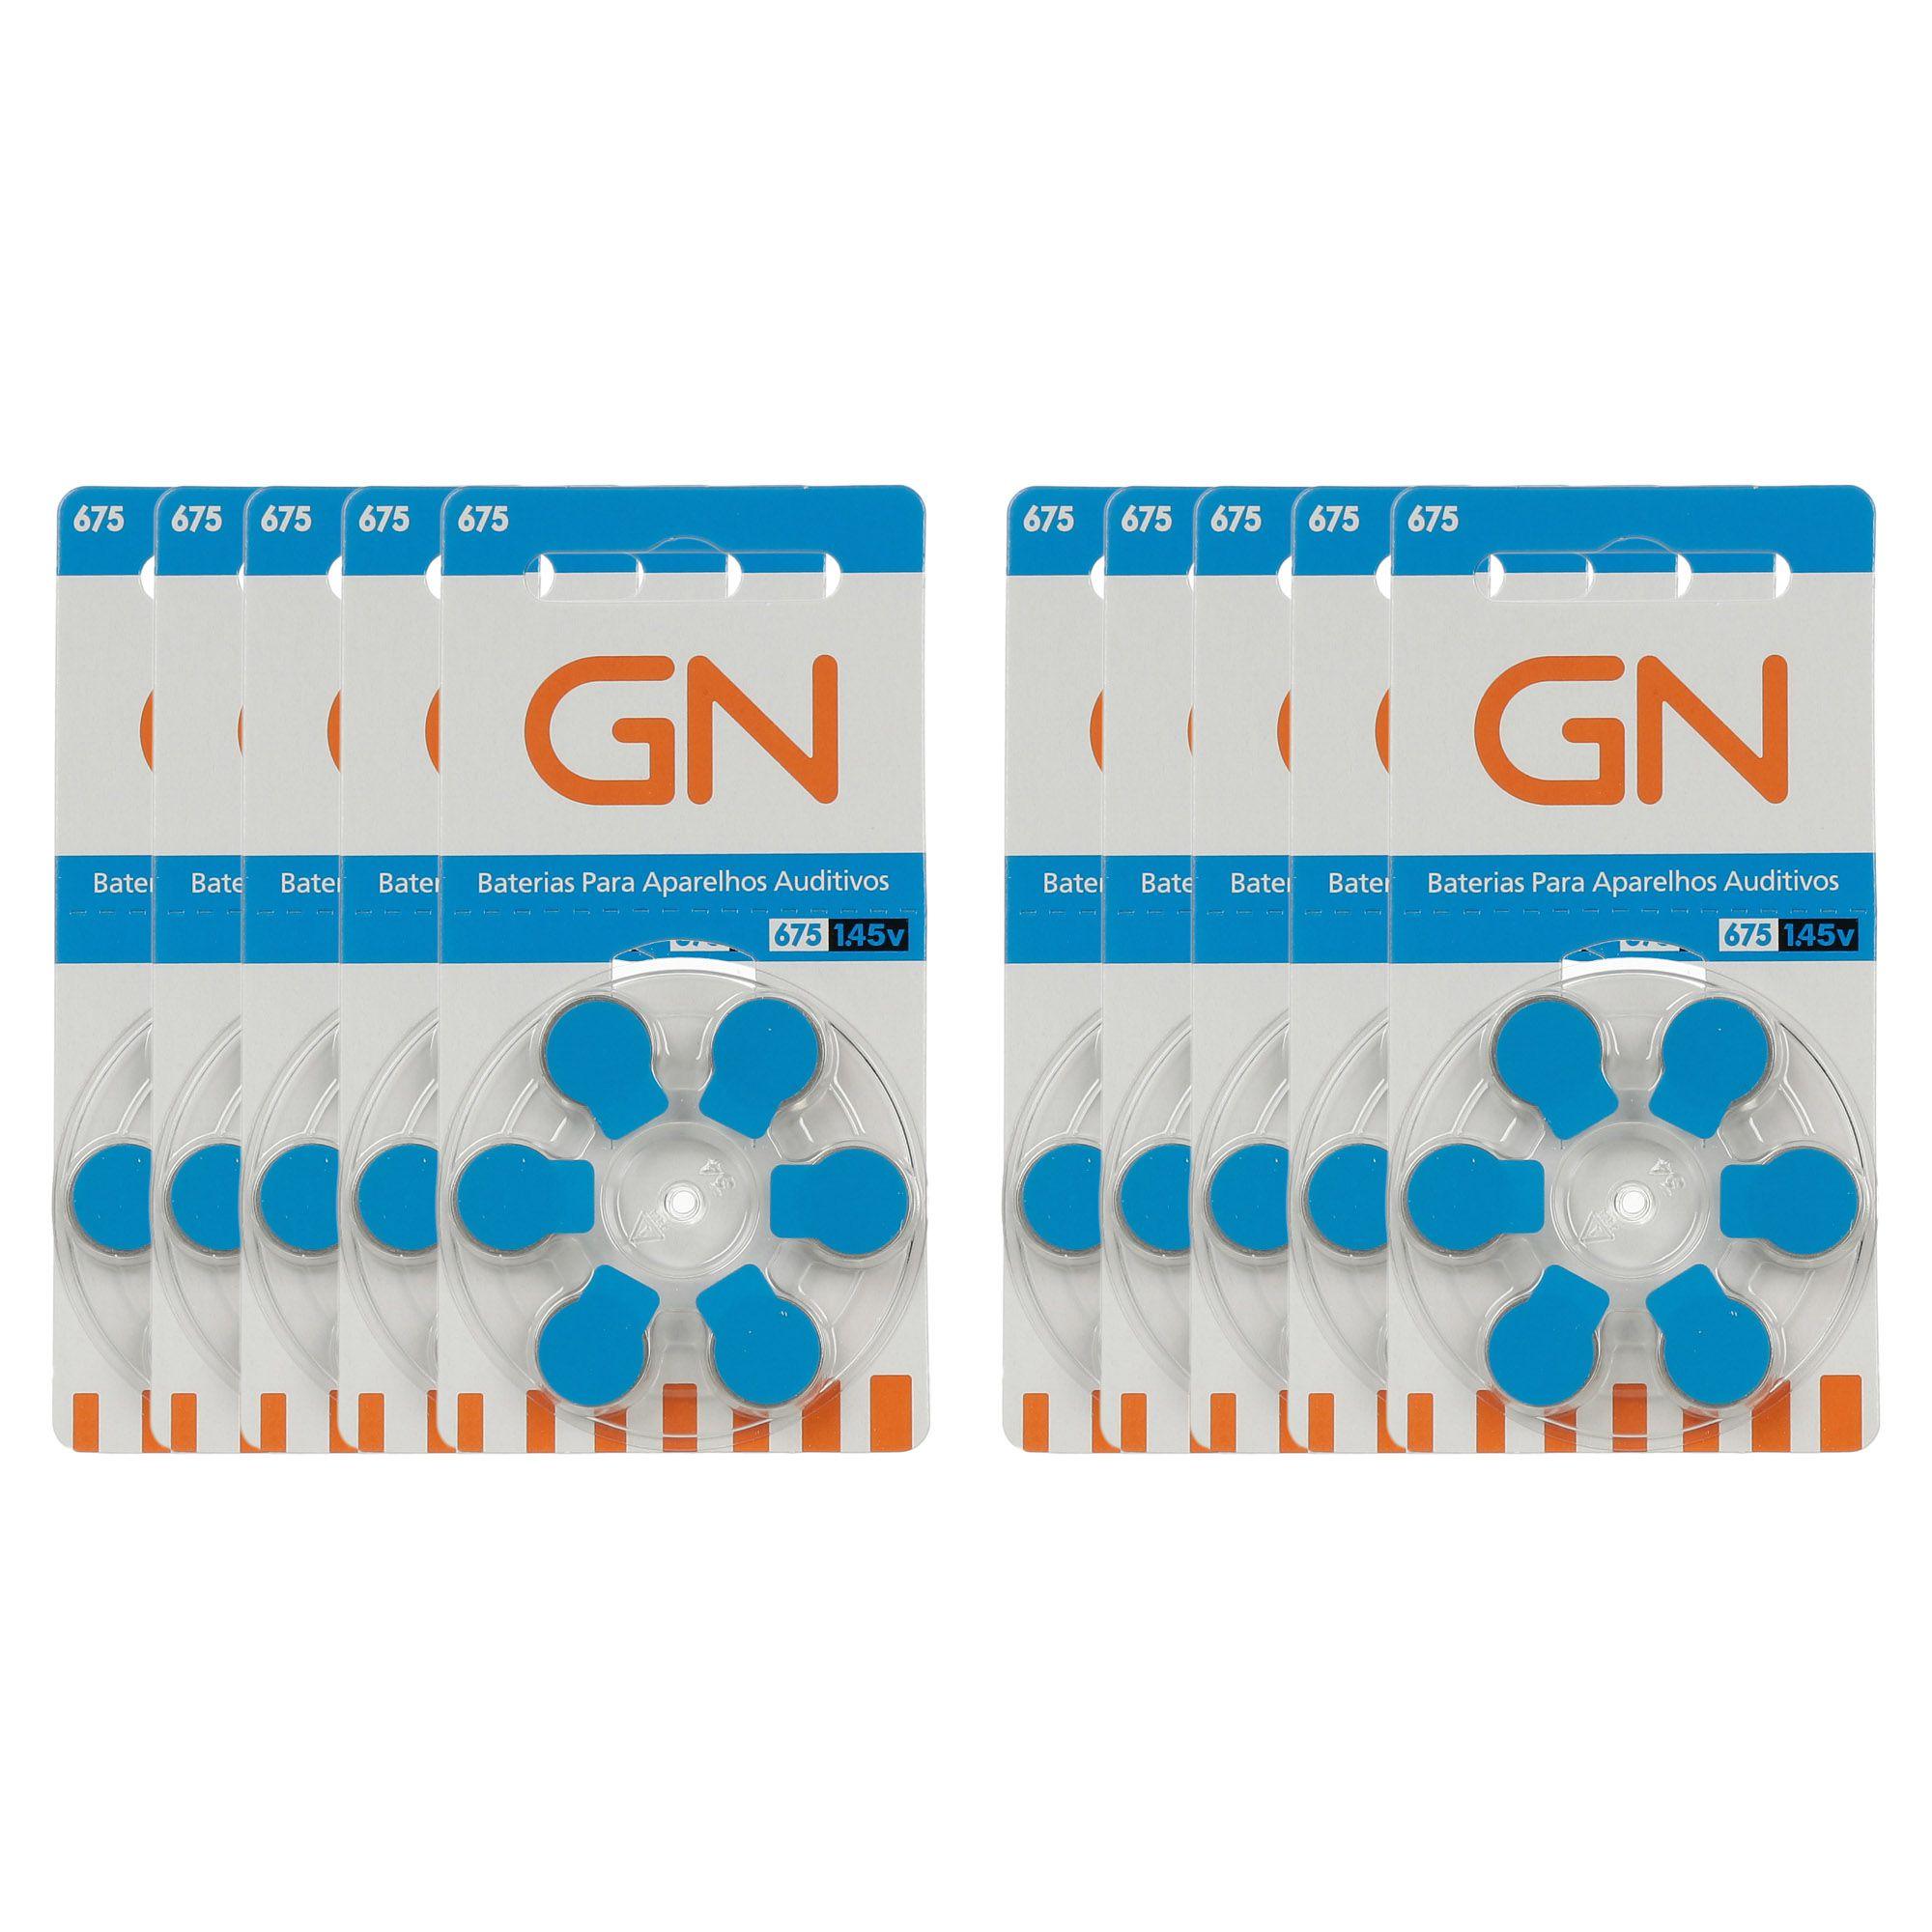 GN RESOUND 675 / PR44 - 10 Cartelas - 60 Baterias para Aparelho Auditivo  - SONORA